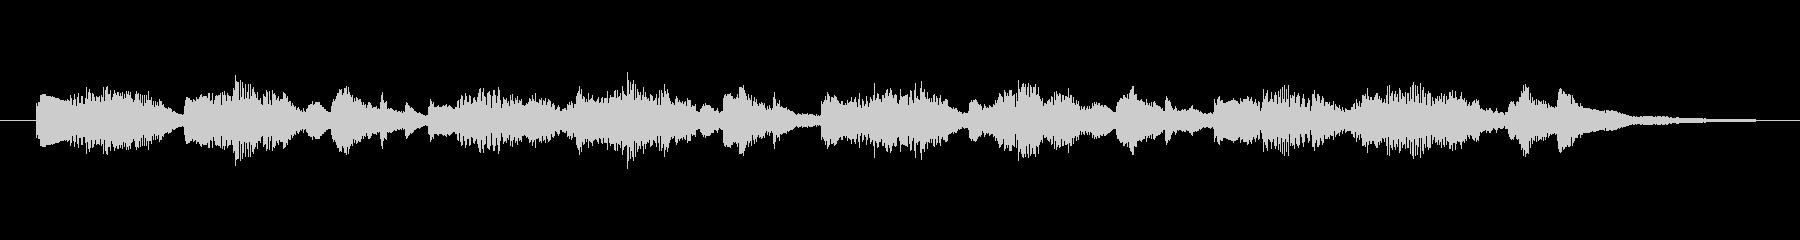 リズミカルでのどかな雰囲気のbgmの未再生の波形